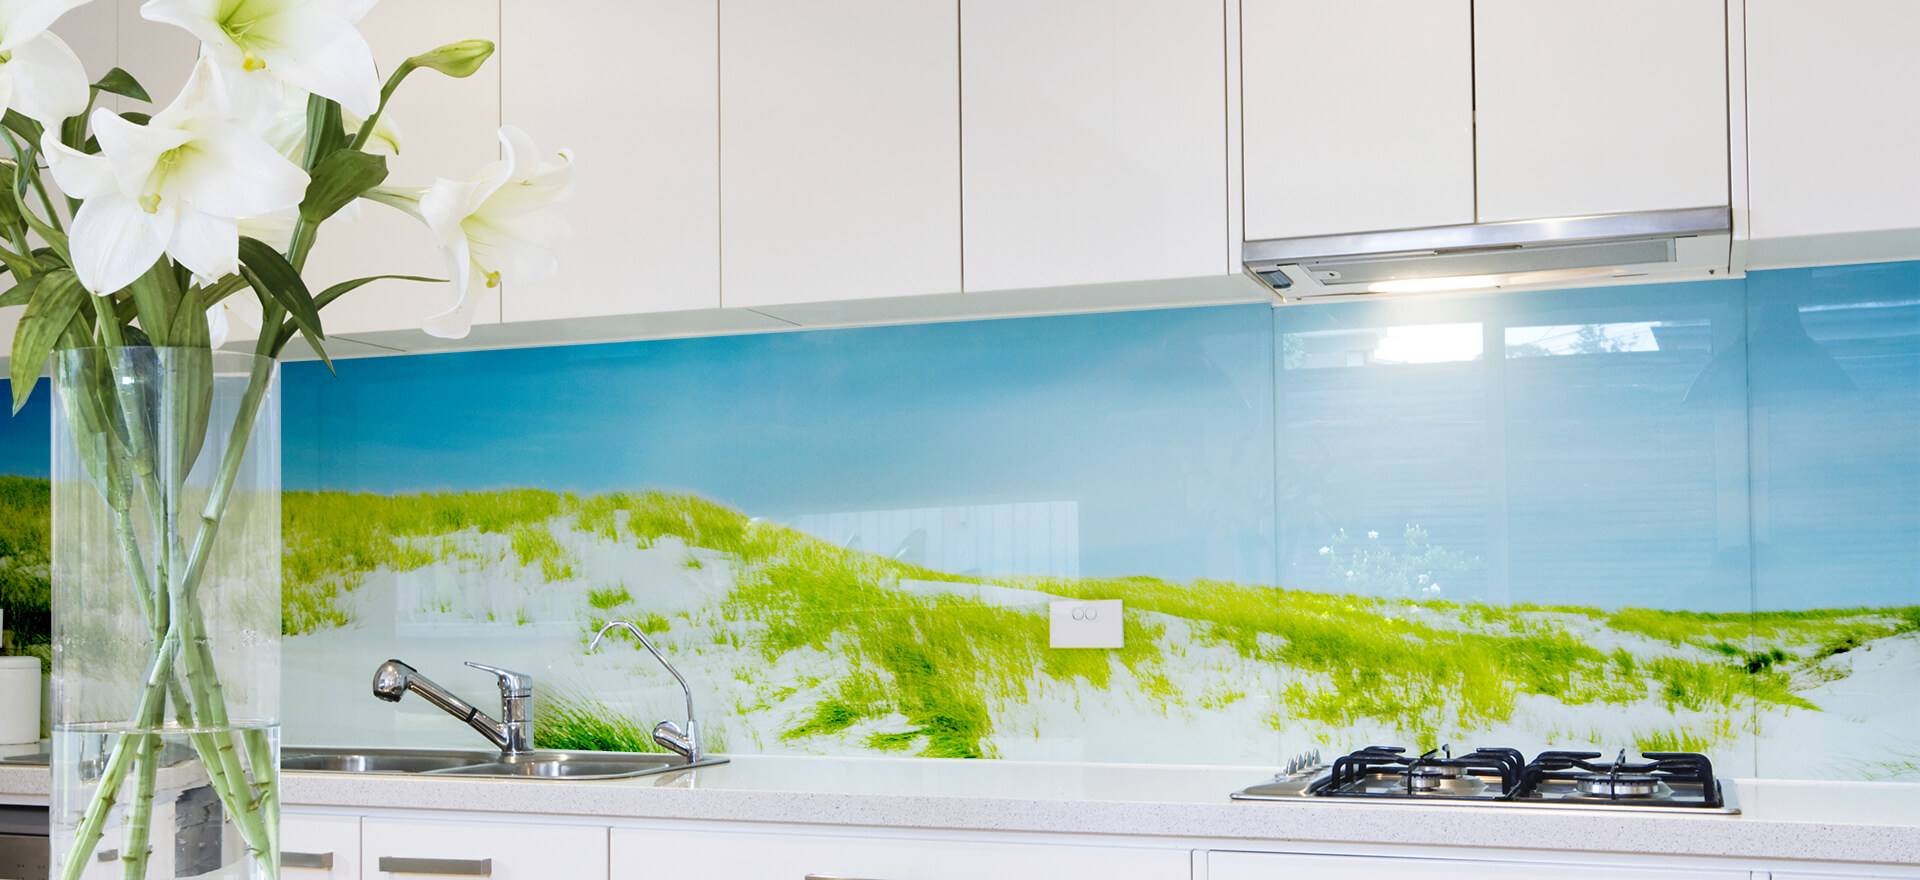 Full Size of Küchen Glasbilder Glasrckwnde Glasbild Selbst Gestalten Glaspostercom Bad Küche Regal Wohnzimmer Küchen Glasbilder